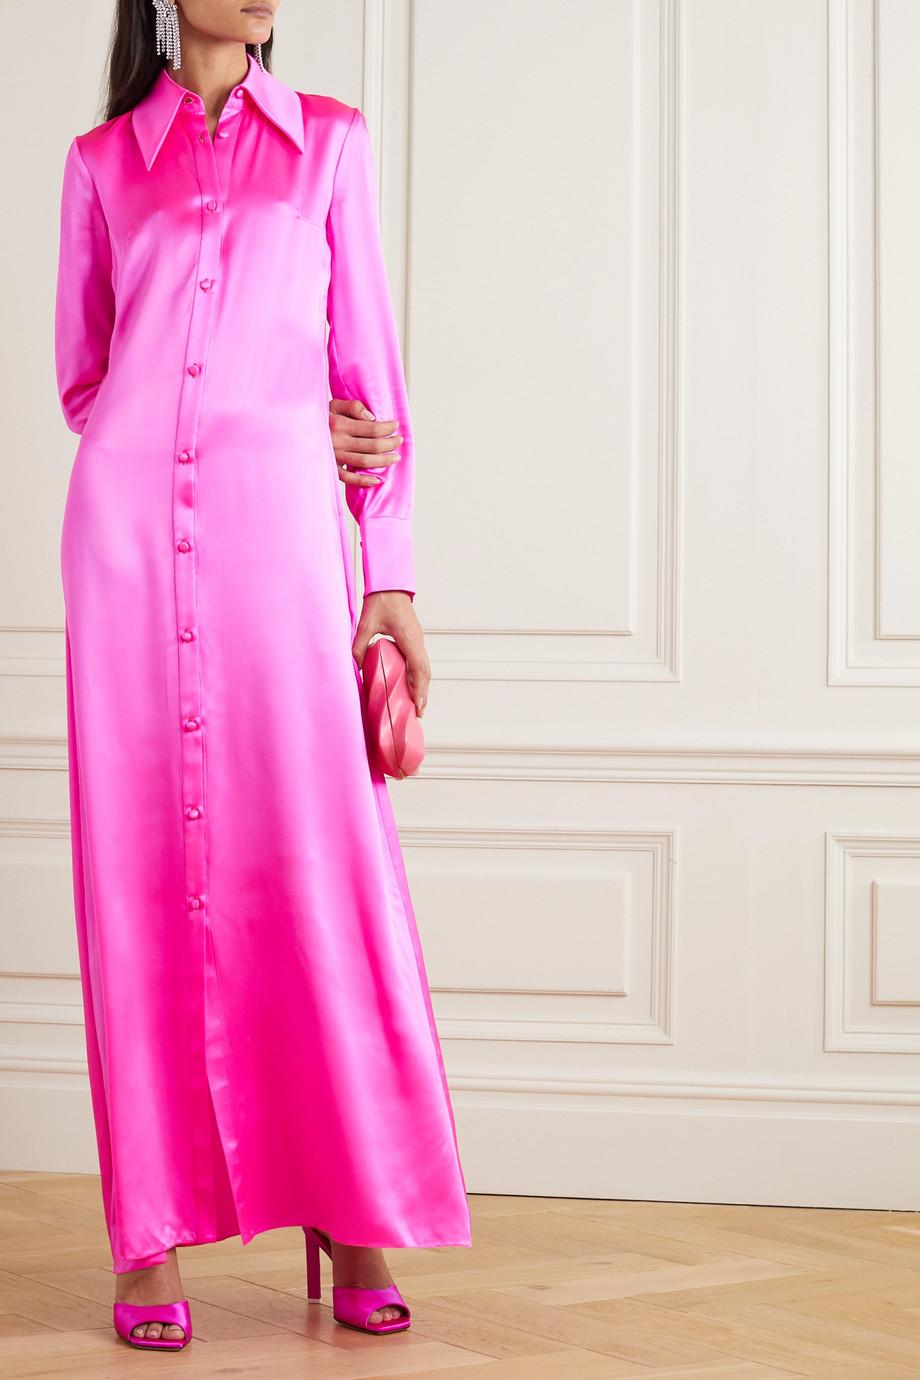 Halpern Robe aus neonfarbenem Seidensatin